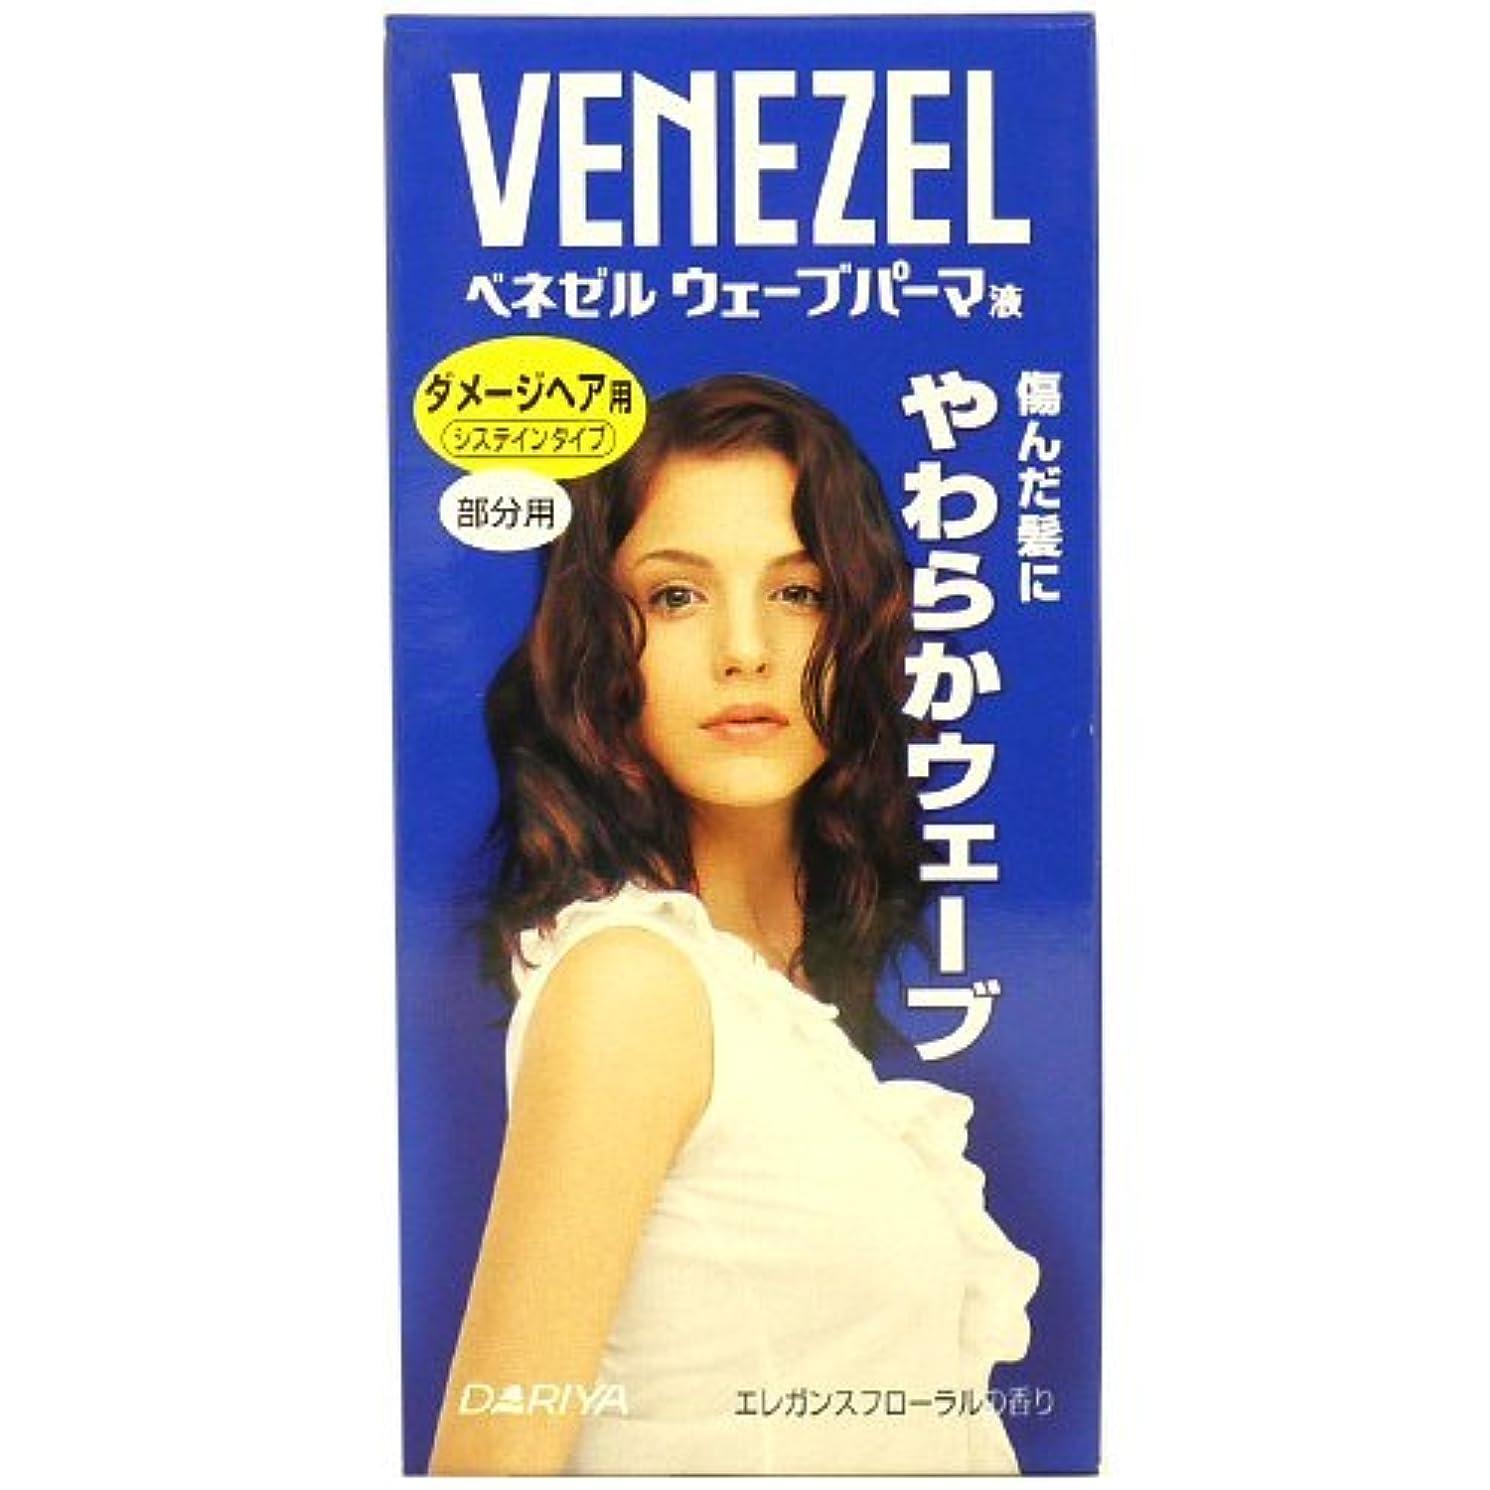 フットボールマルクス主義手つかずのダリヤ ベネゼル ウェーブパーマ液 ダメージヘア用 部分用